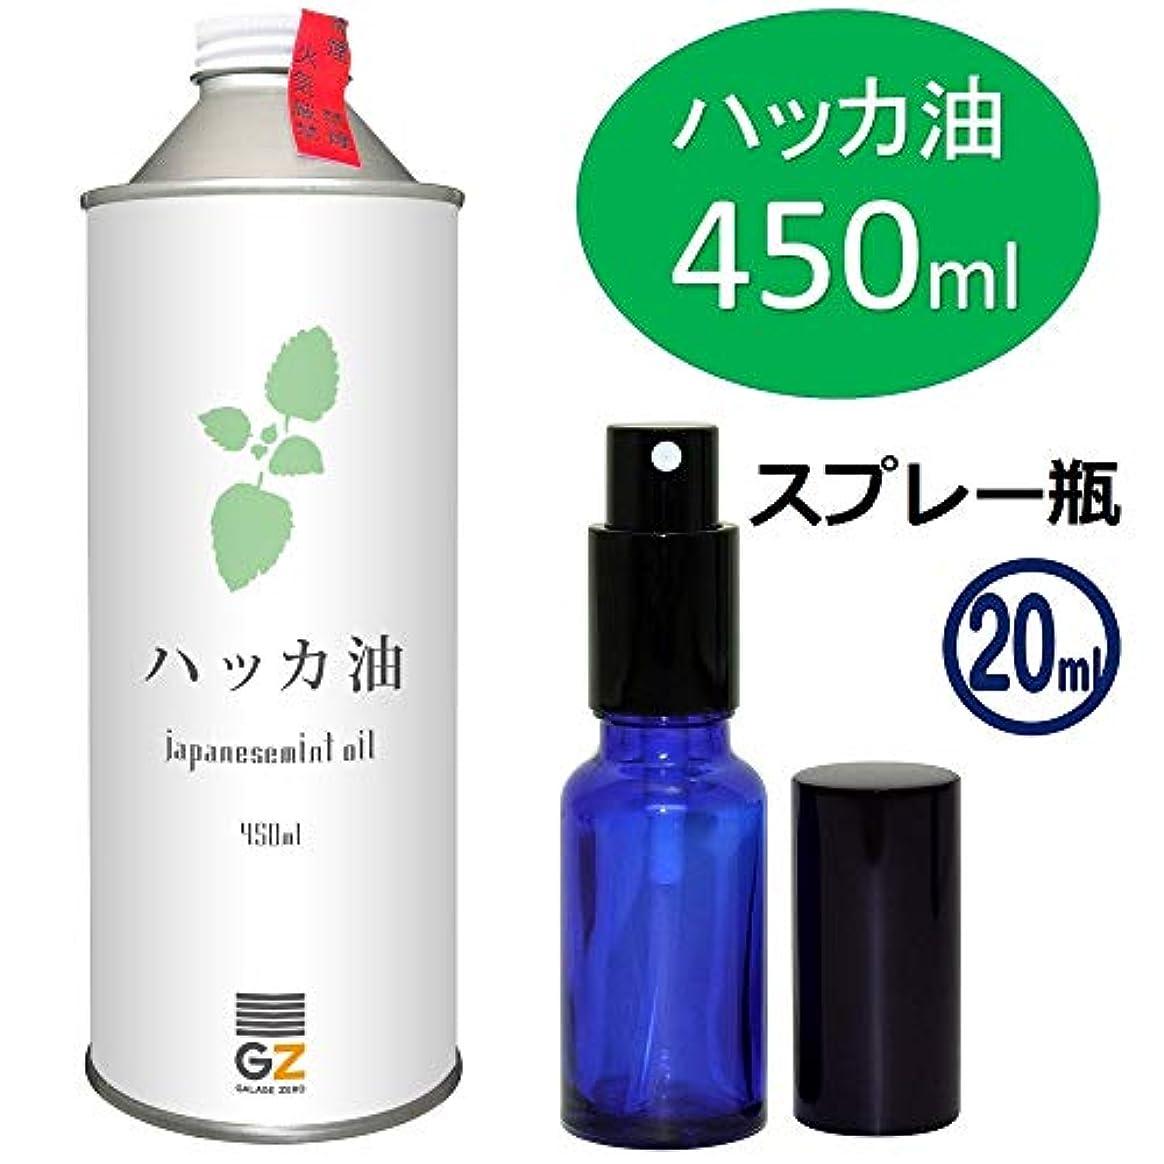 パンフレットスマッシュシャーロットブロンテガレージ?ゼロ ハッカ油 450ml(GZAK13)+ガラス瓶 スプレーボトル20ml/和種薄荷/ジャパニーズミント GSE534